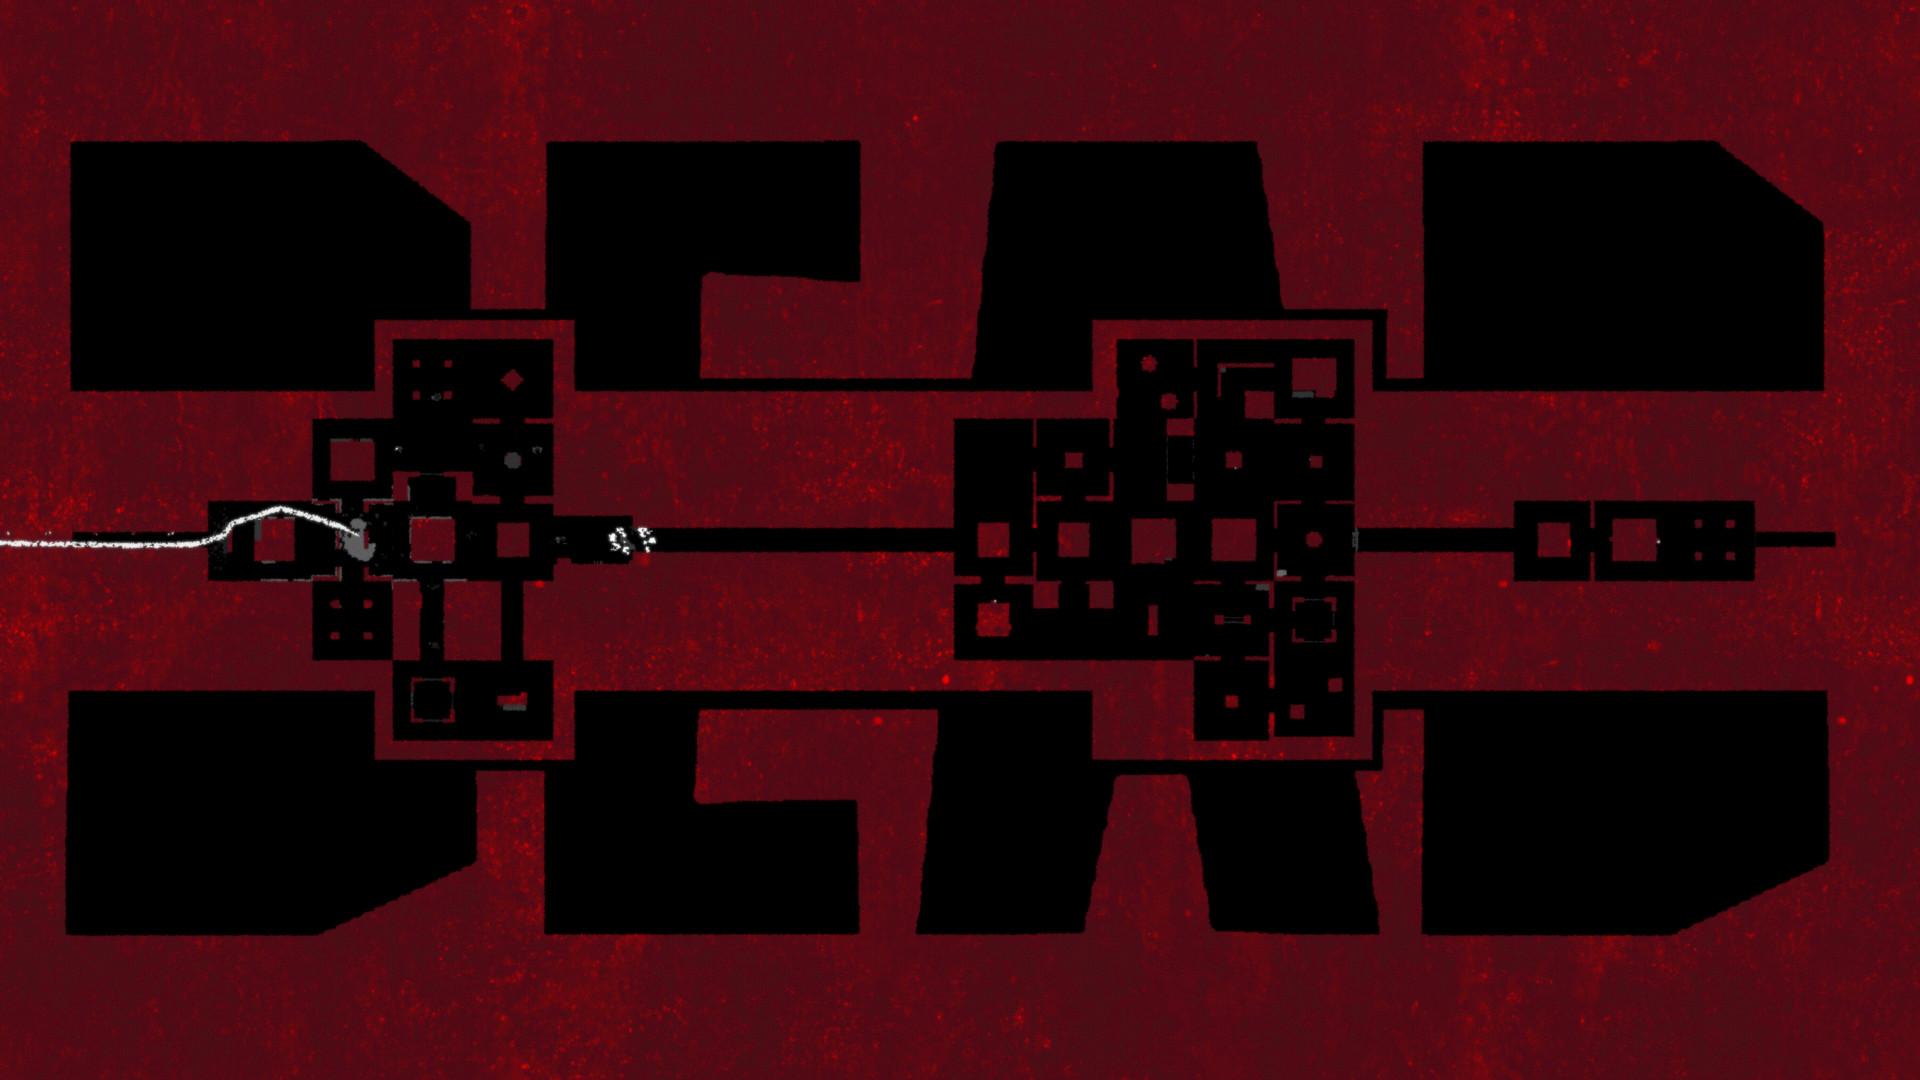 ape-out-dead